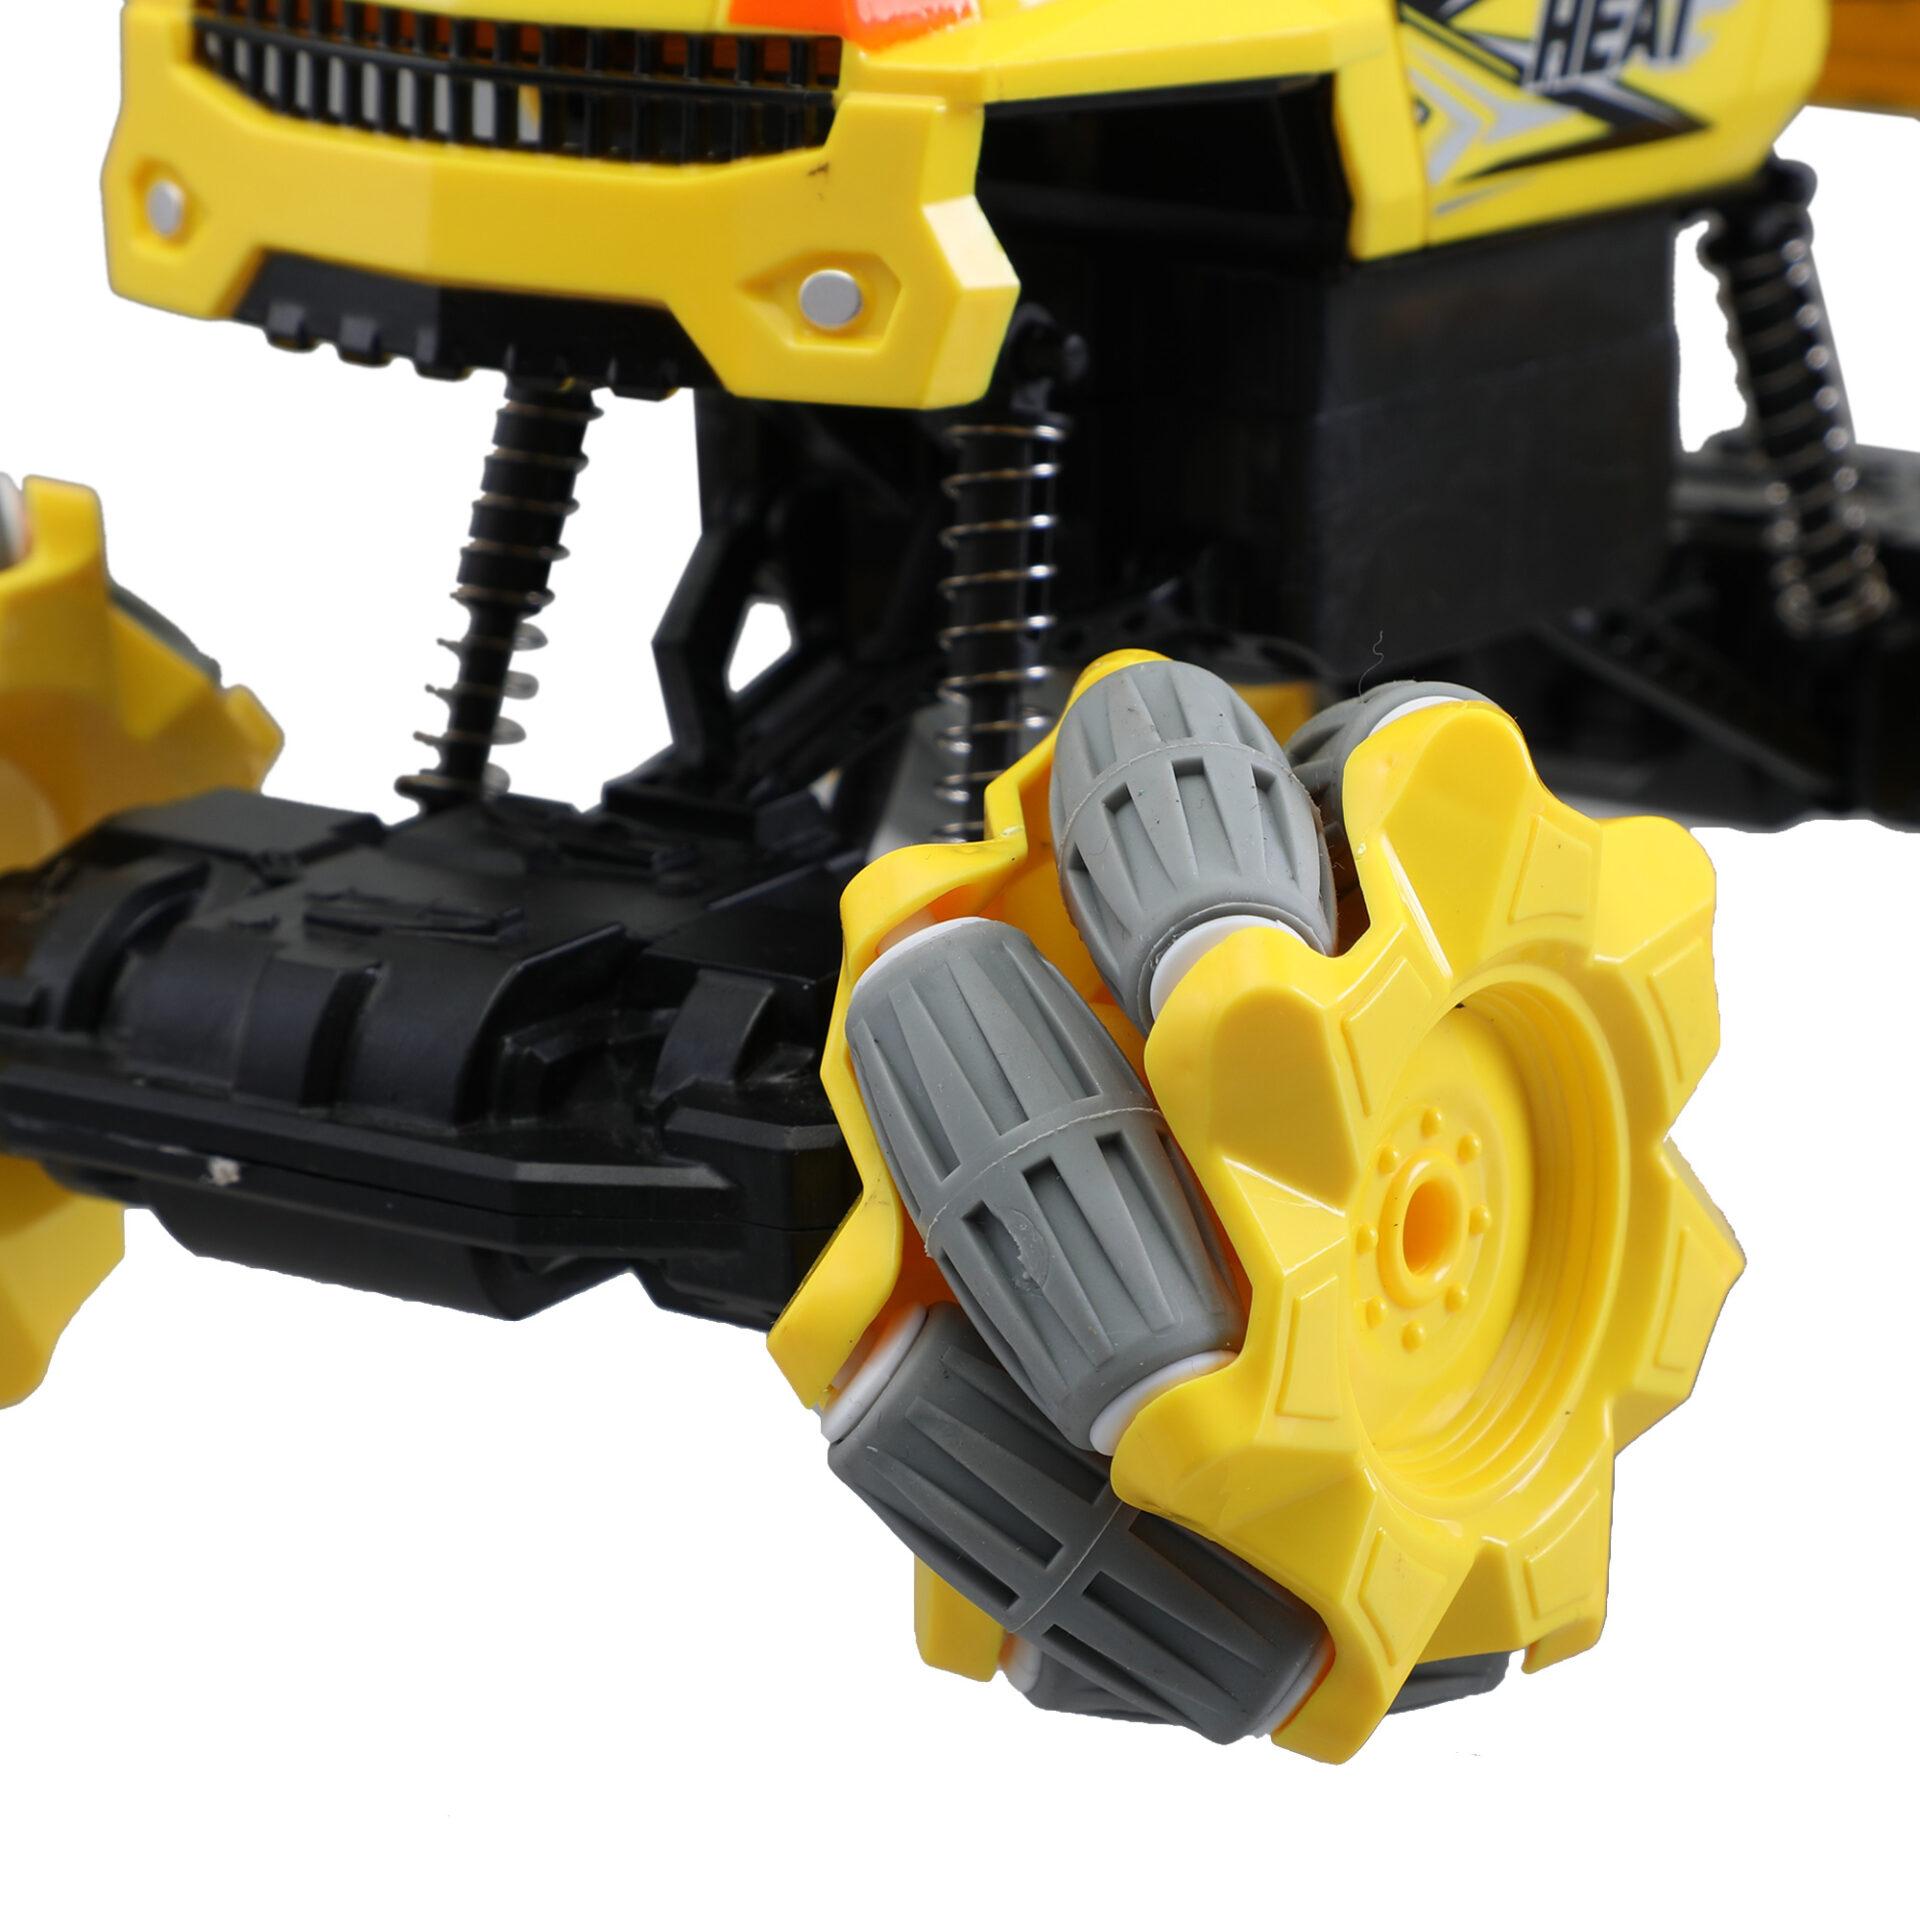 Gesture Sensing RC Stunt Car for Kids, Yellow 5 6